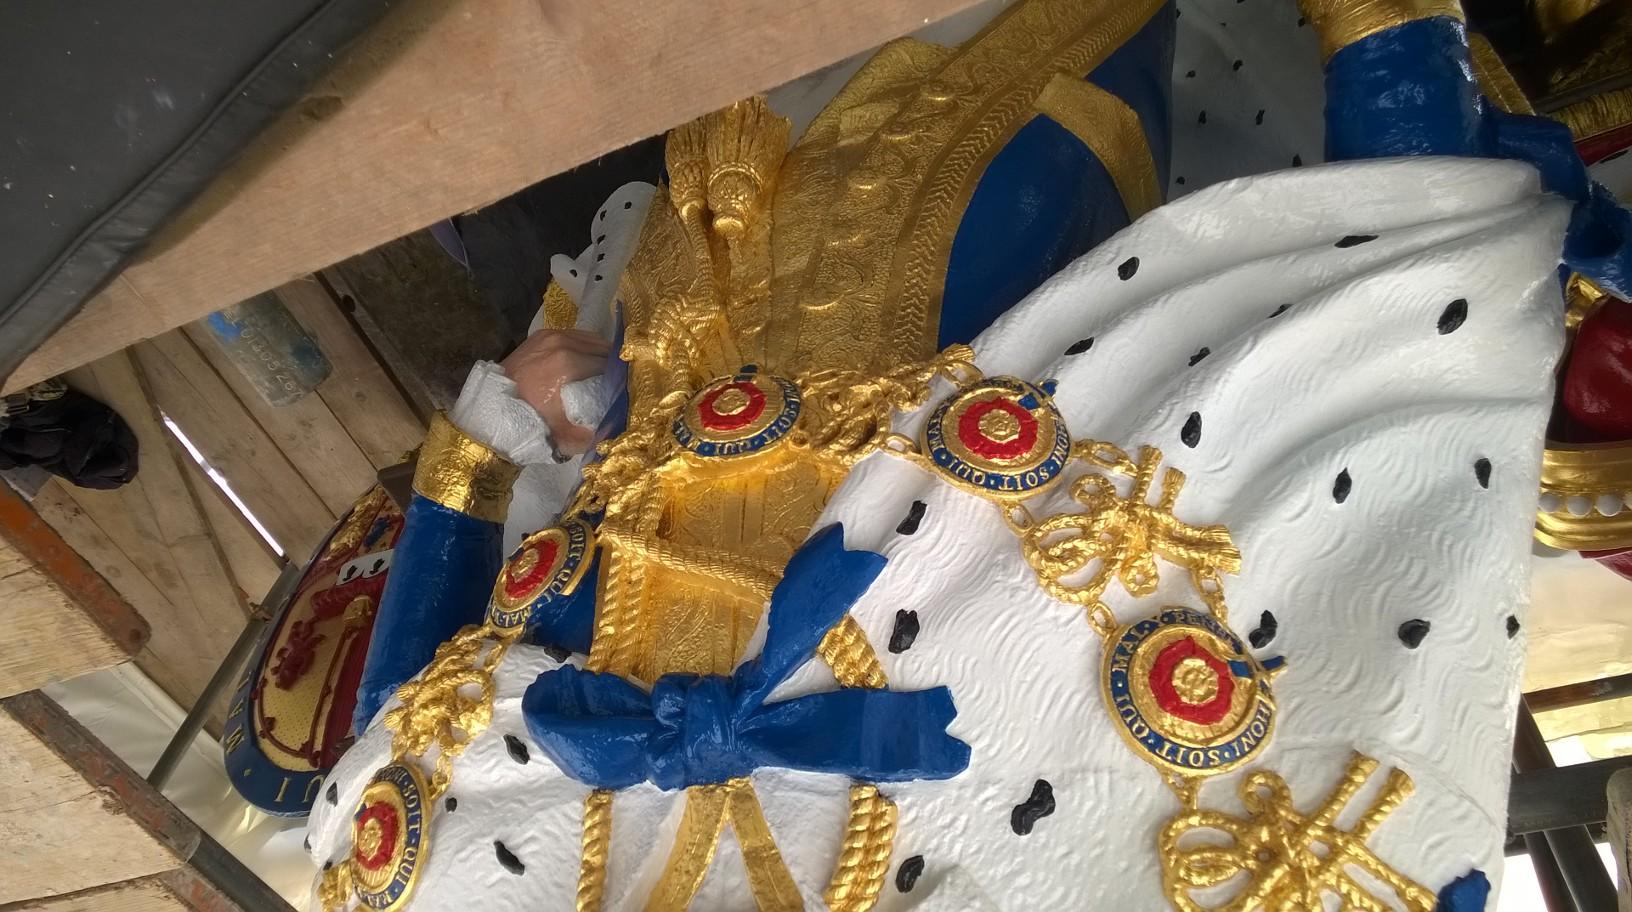 detail on King